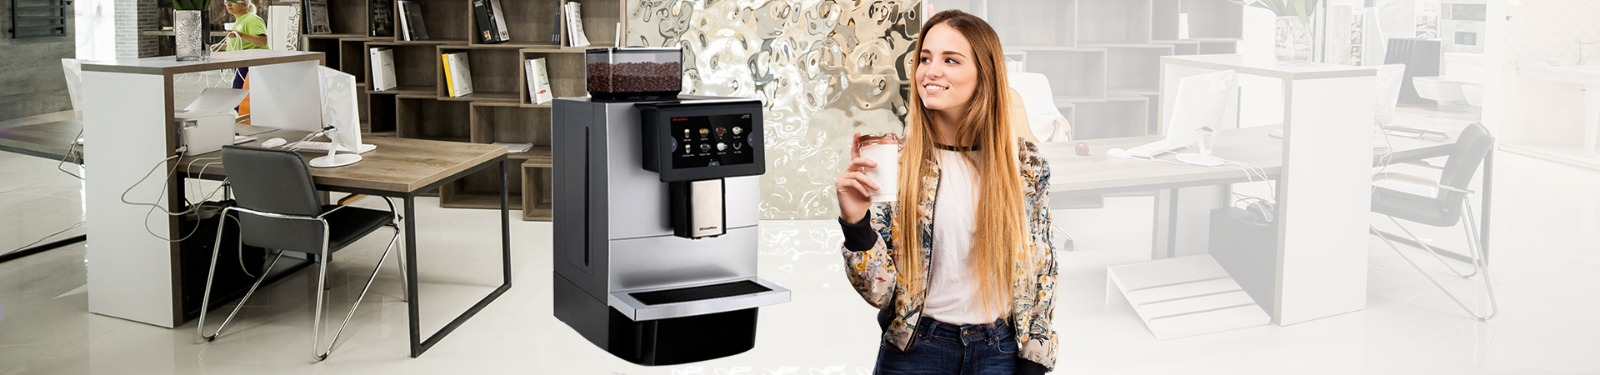 בונה מכונות קפה למשרד